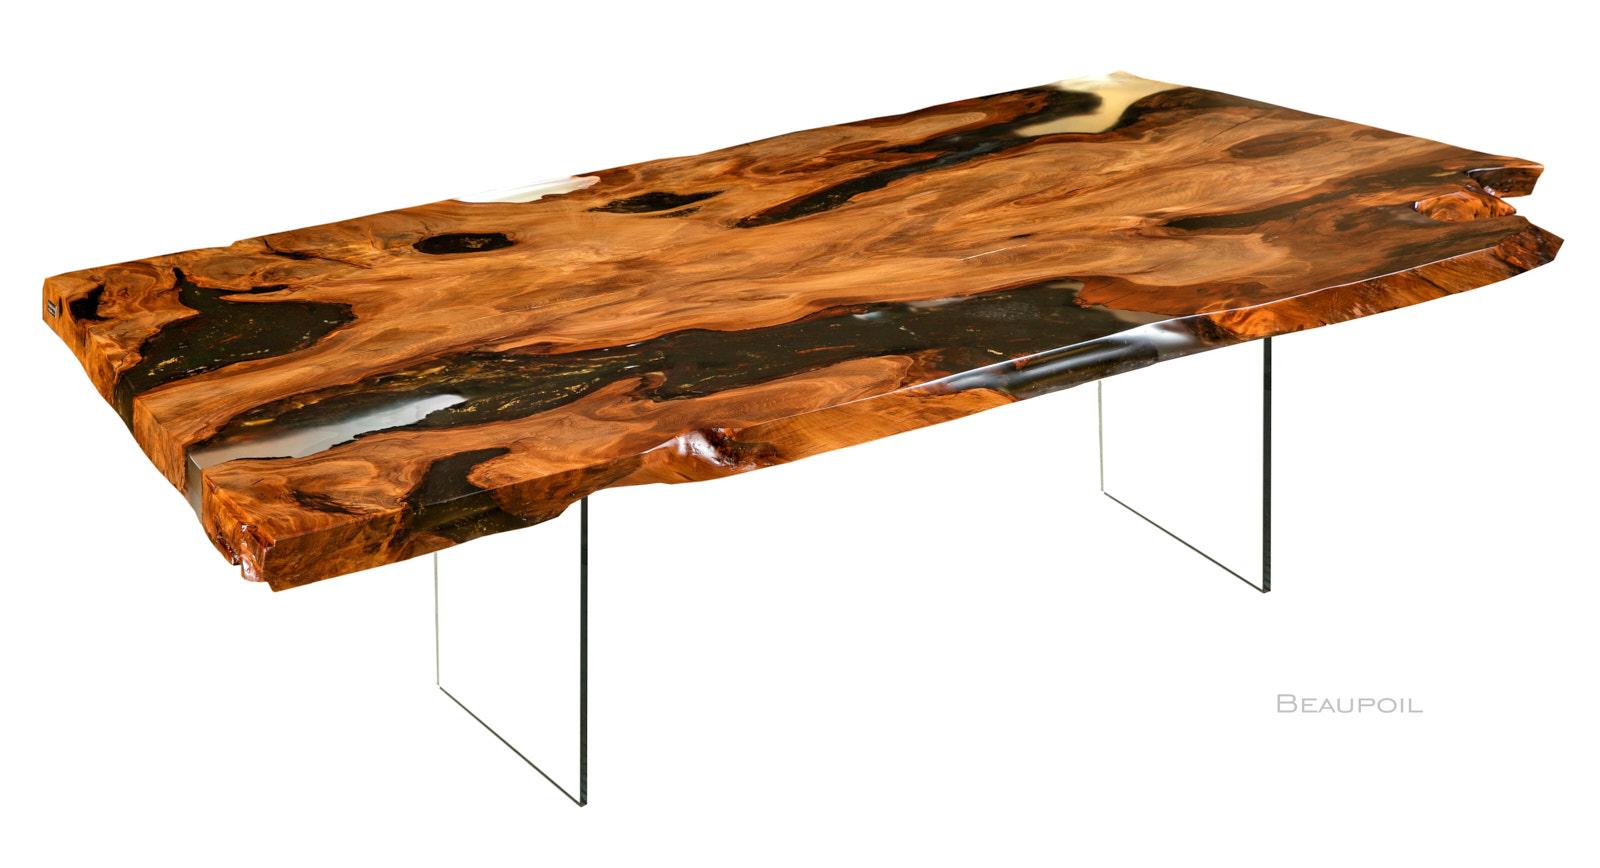 Sachwertanlage Möbel und Holztisch aus kunstvollem Kauri Naturholz Wurzel Baumstammplatte, Unikat Designermöbel einmal limitiertes Einzelstück